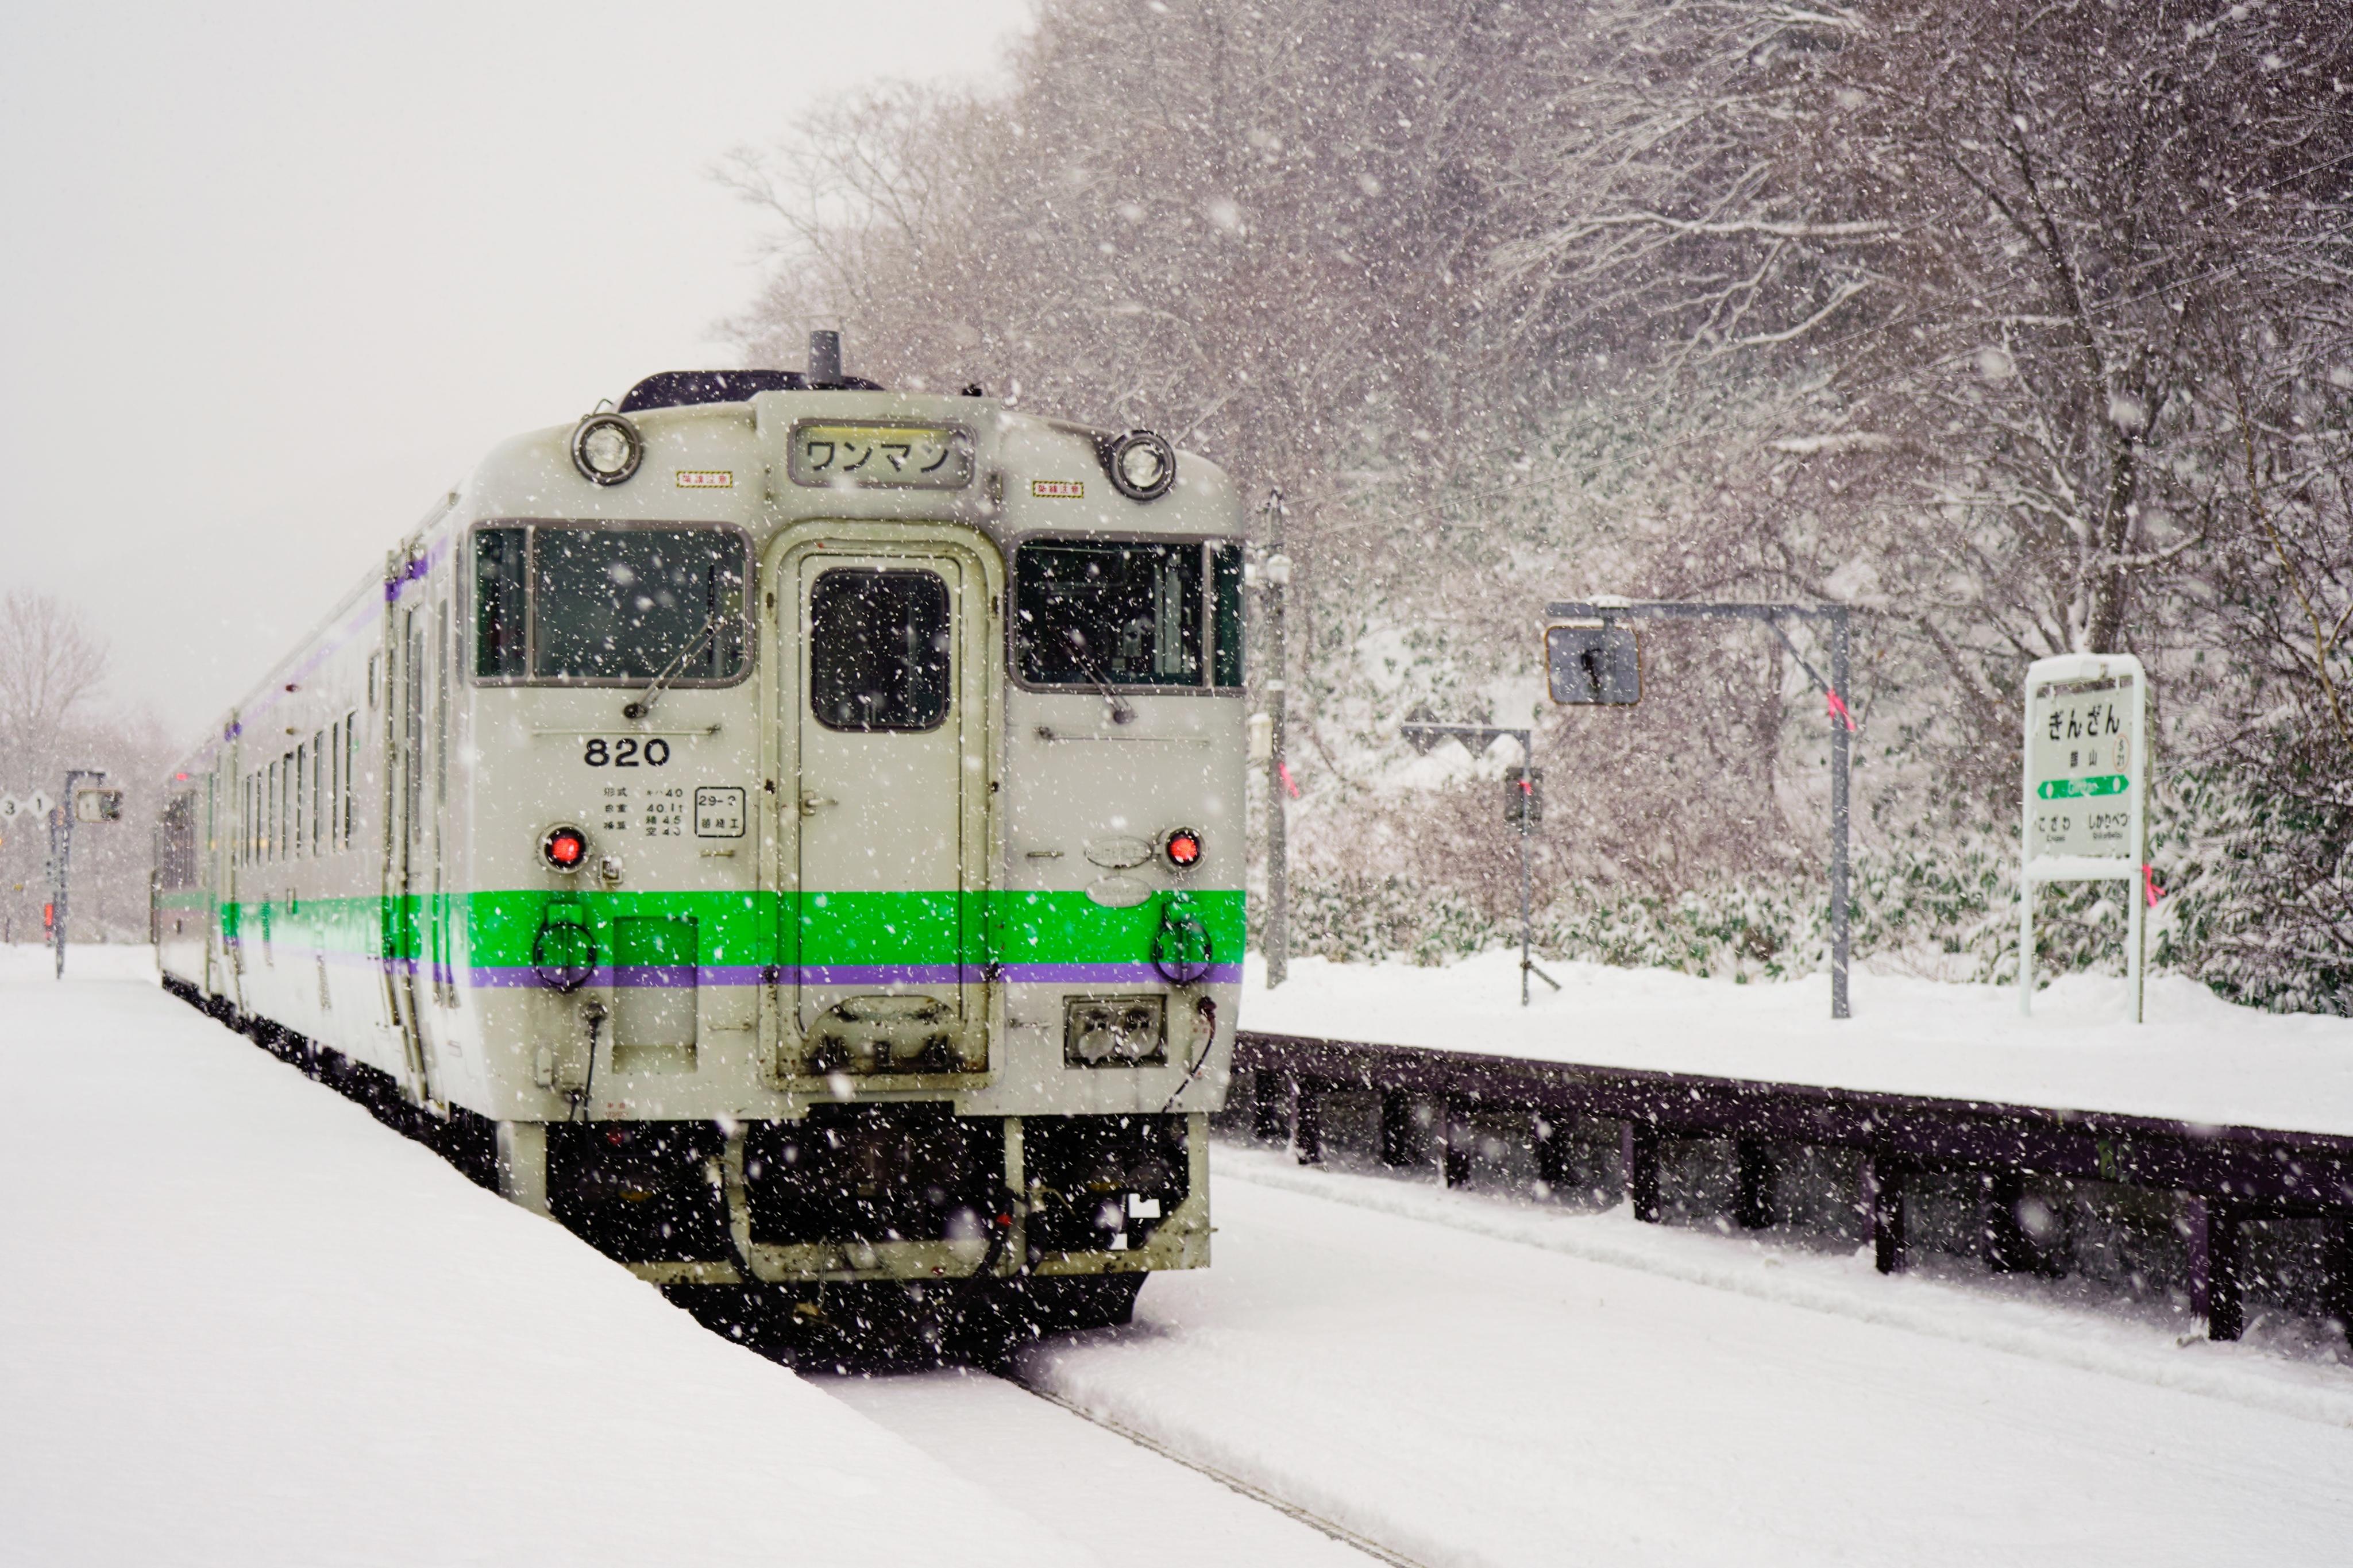 キハ40 1940D  銀山駅 200112.jpg